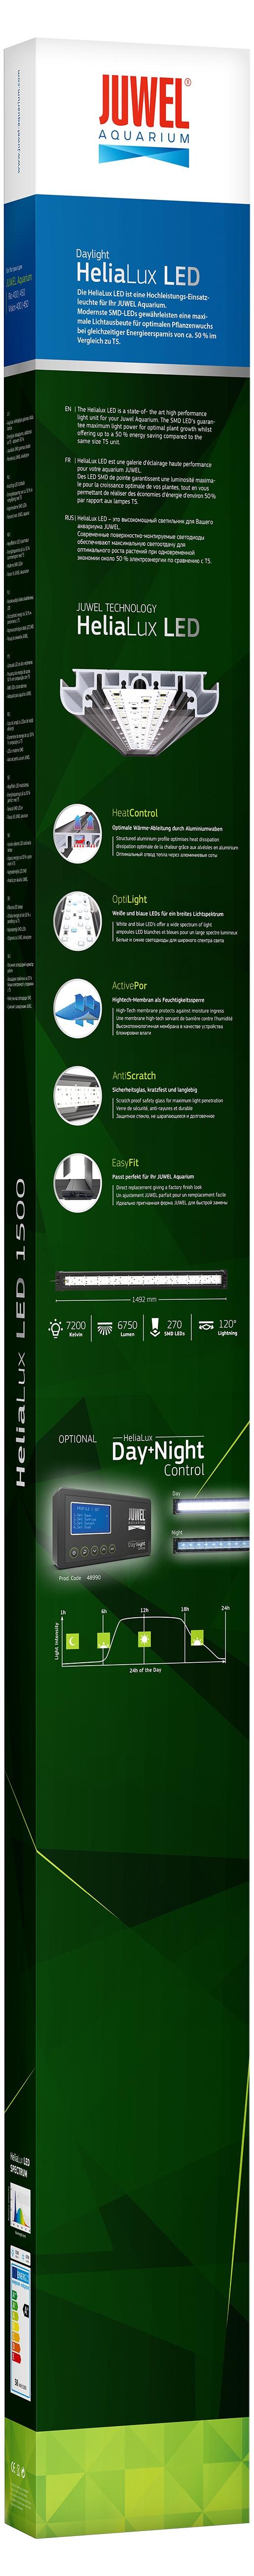 Лампа дневного света - Juwel Helia Lux LED 1500, 54 W